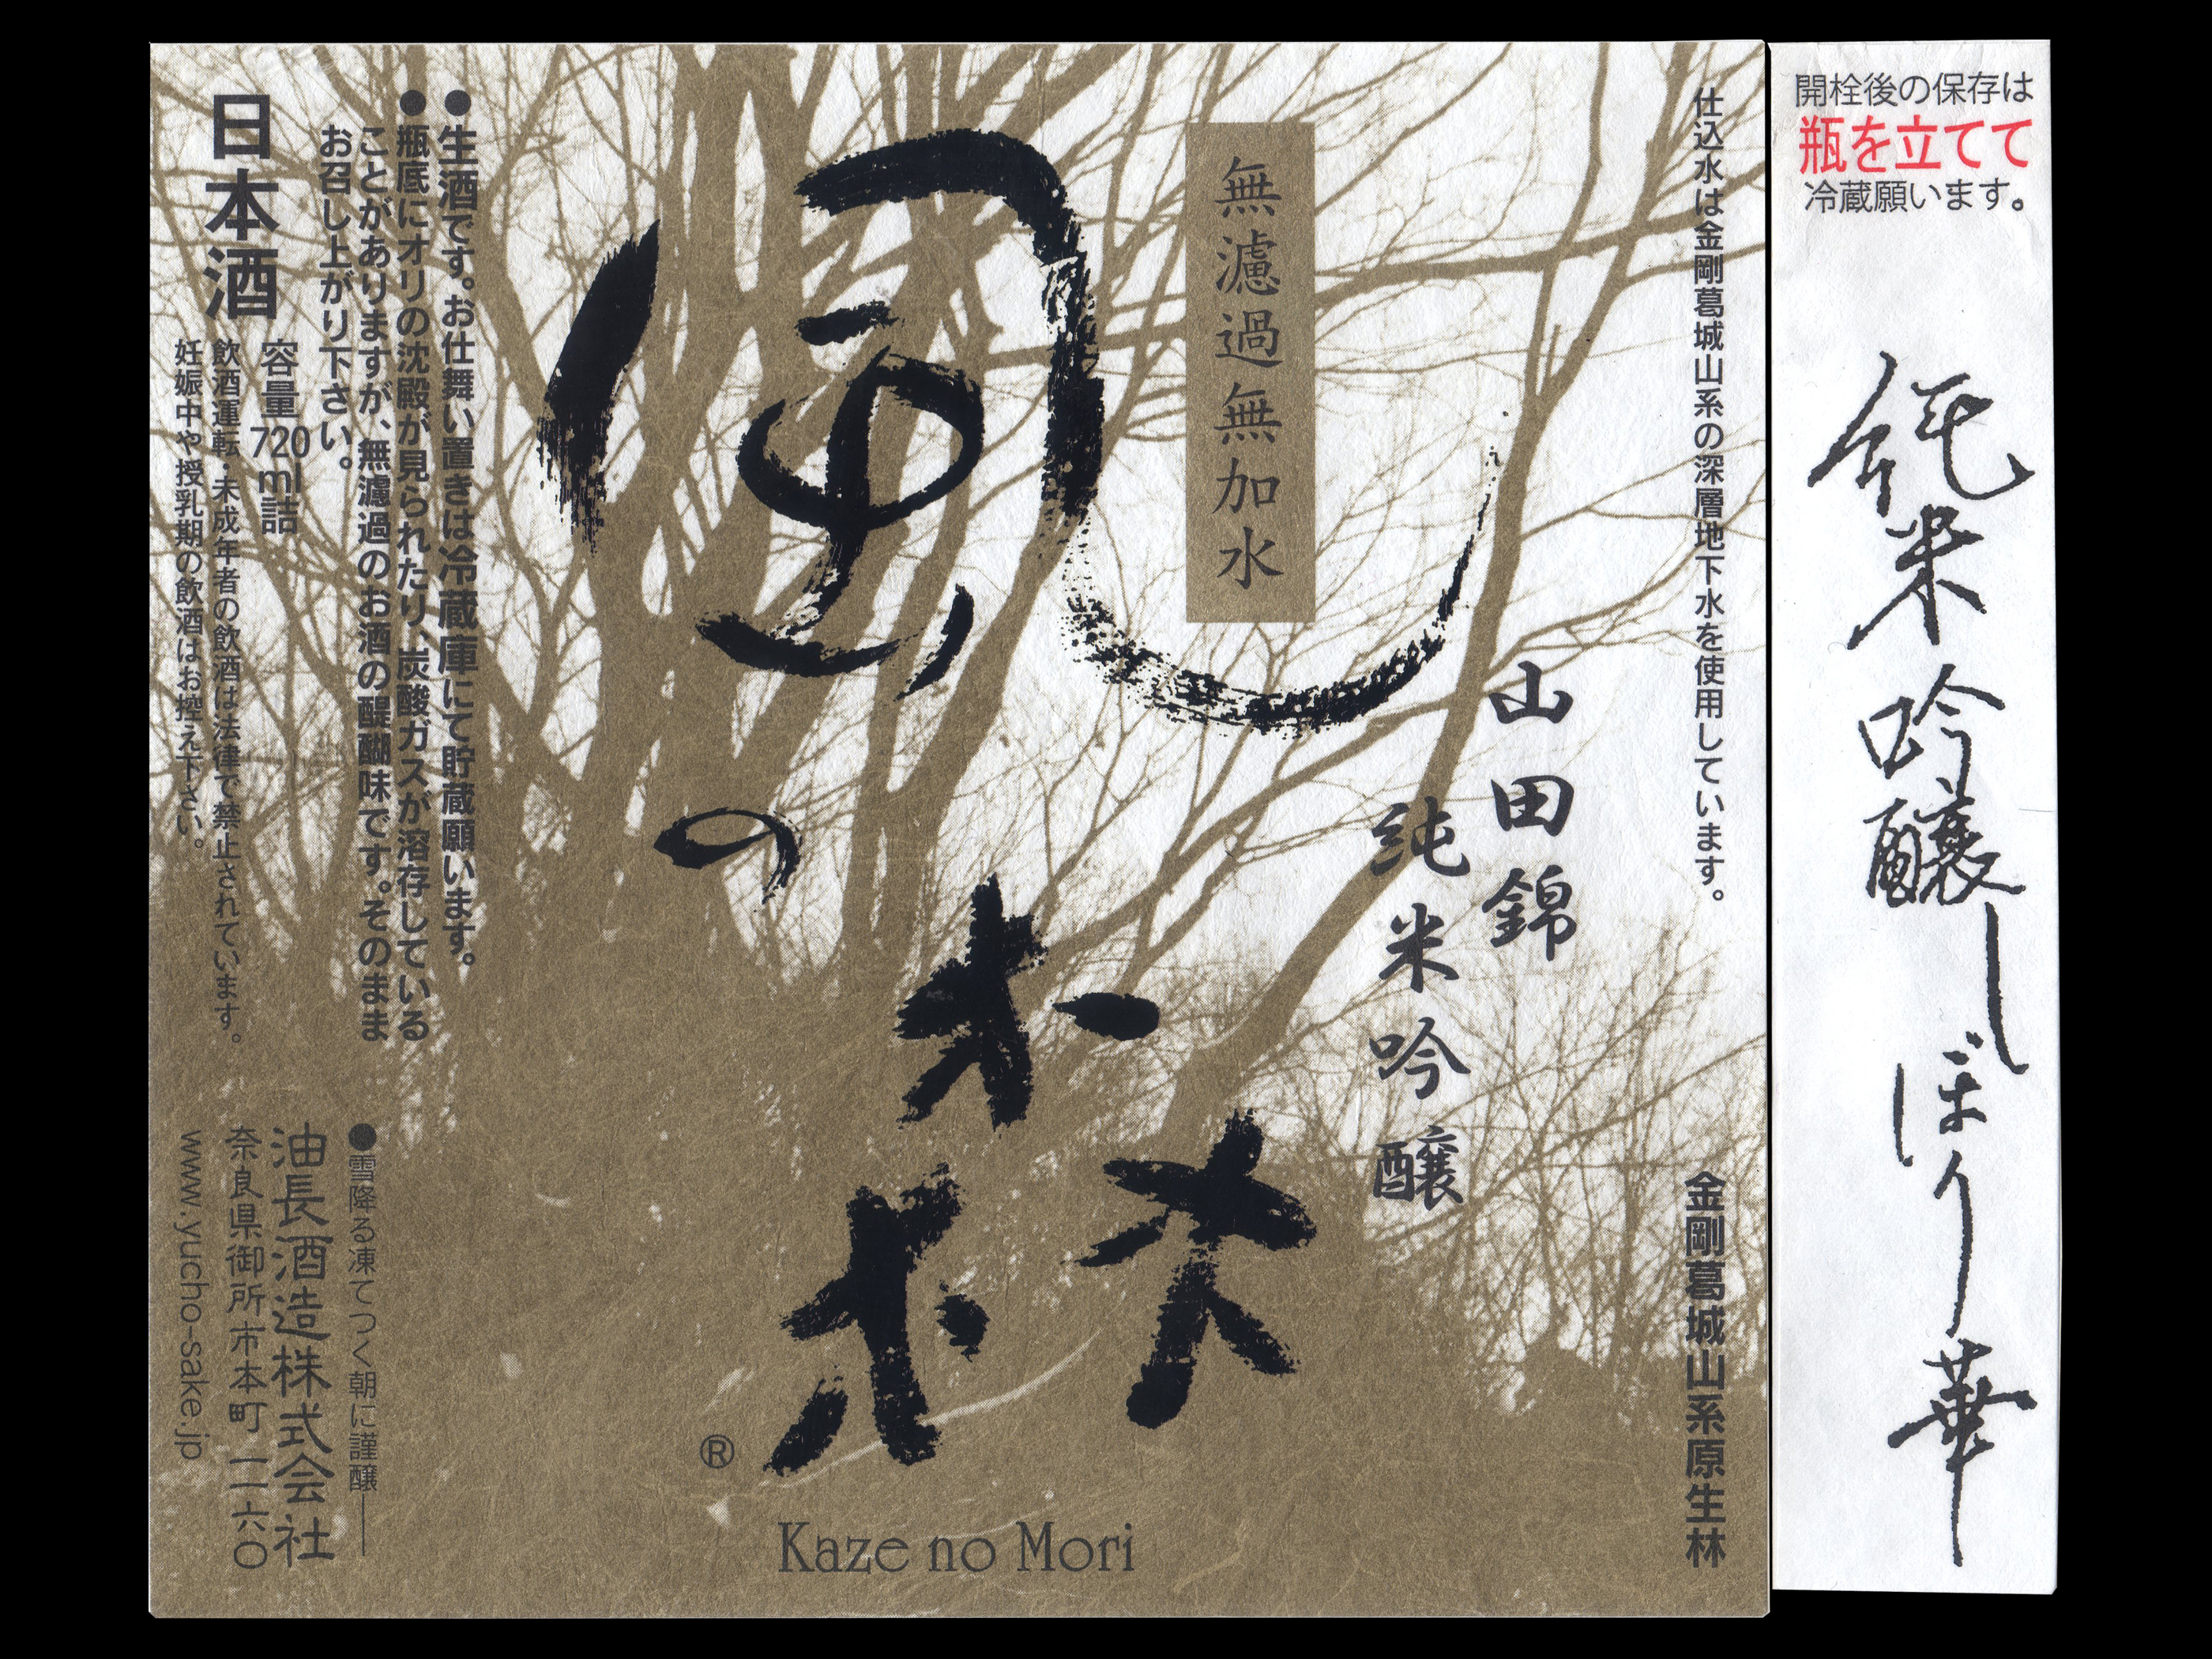 風の森(かぜのもり)「純米吟醸」山田錦しぼり華ラベル